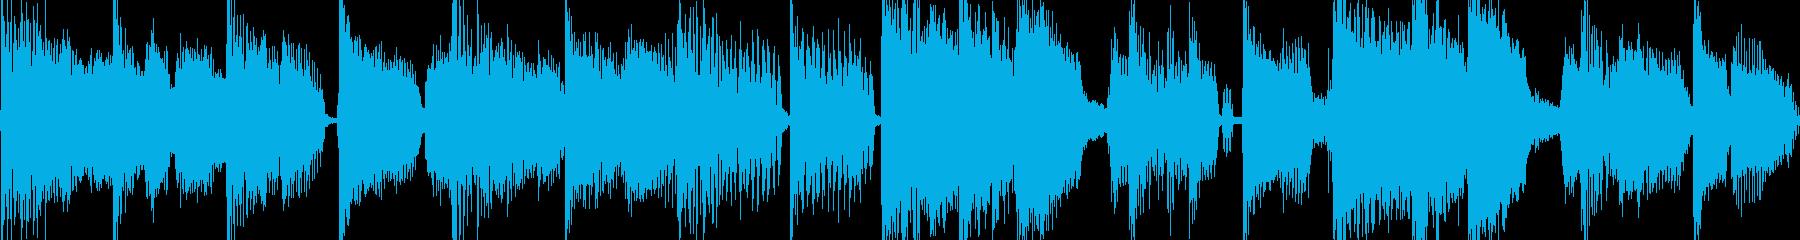 ブルース風の軽快なロックジングル_ループの再生済みの波形